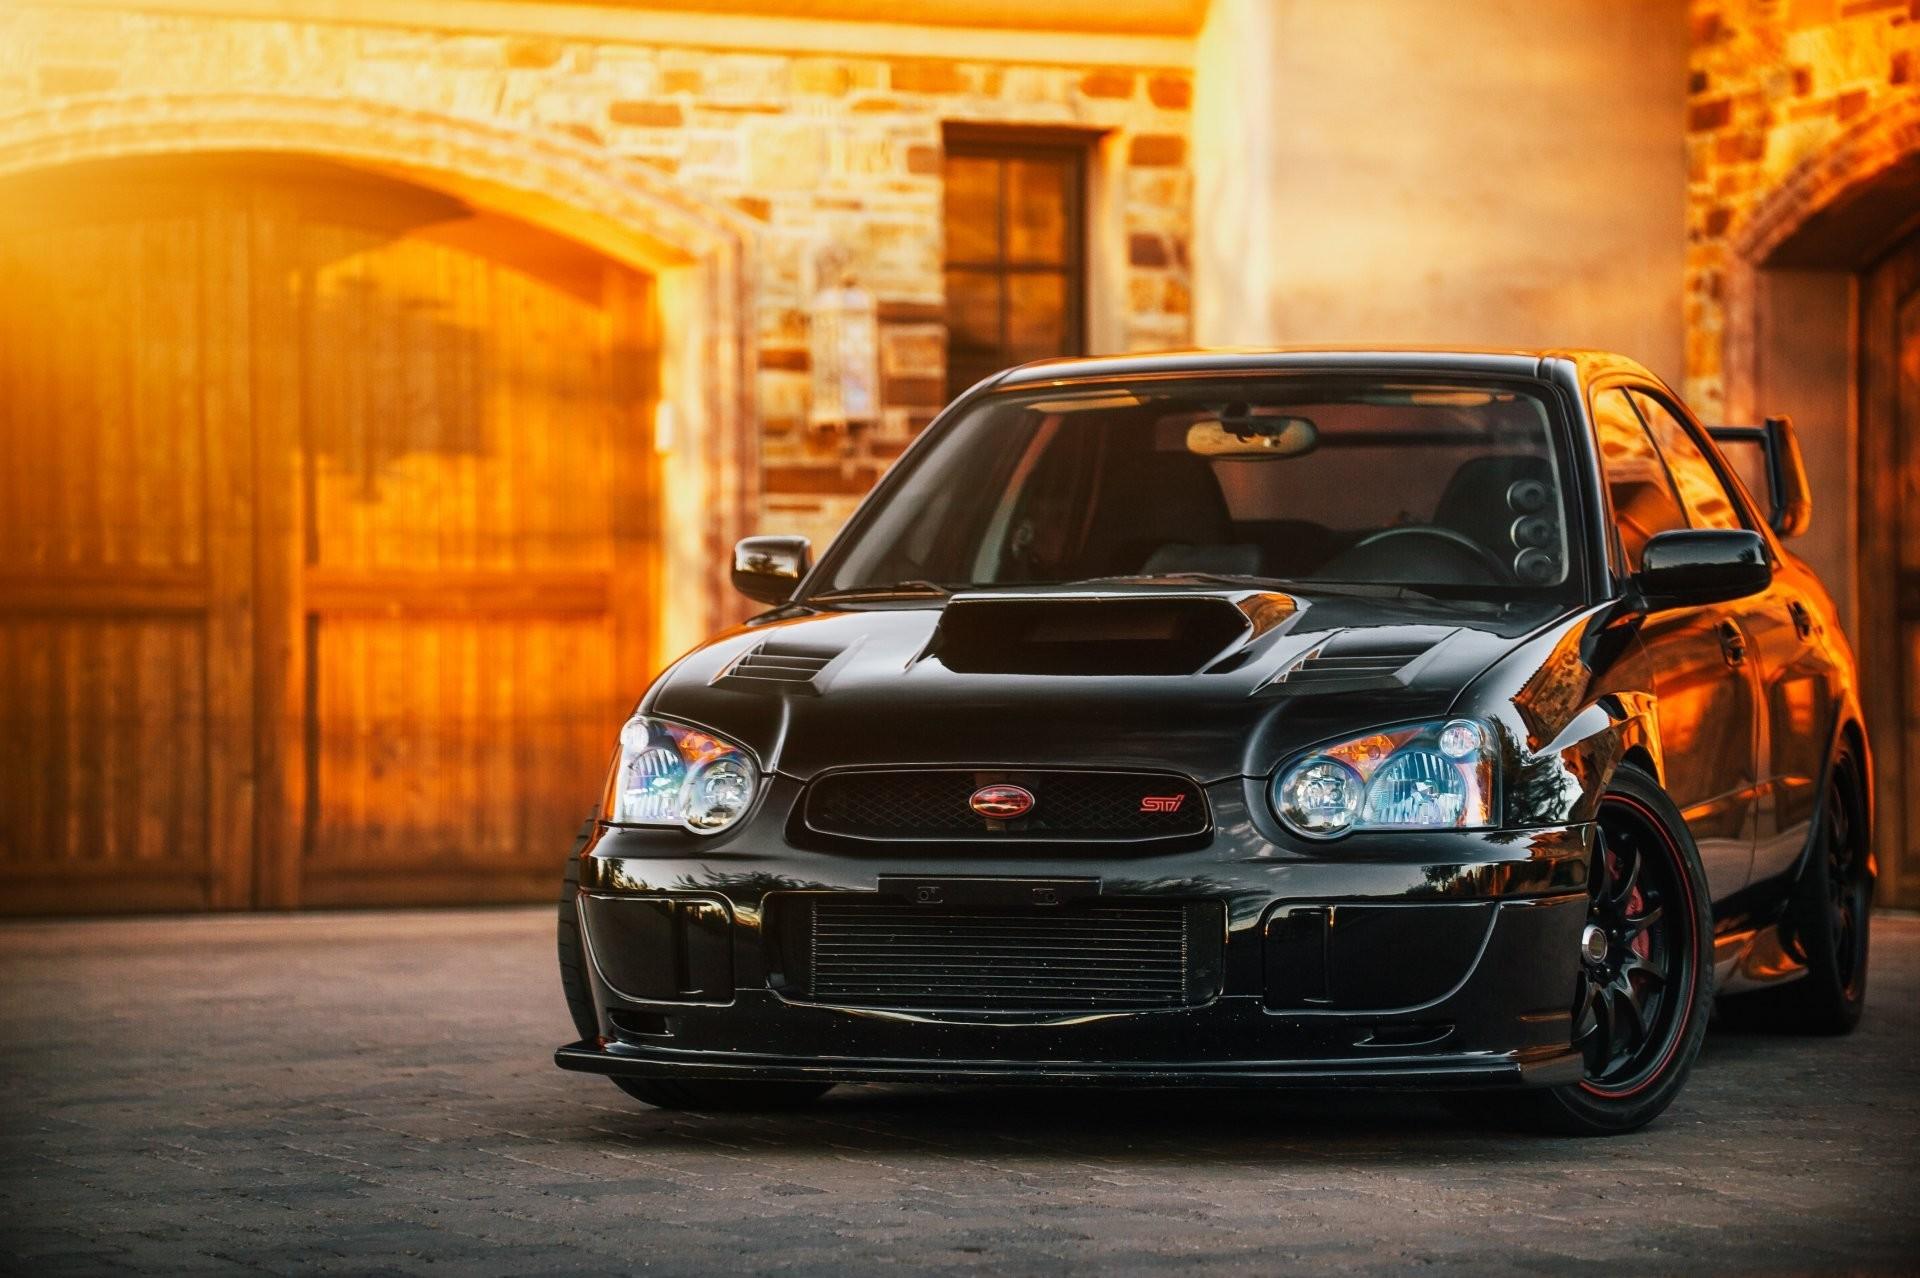 Subaru Wallpaper 67 Images